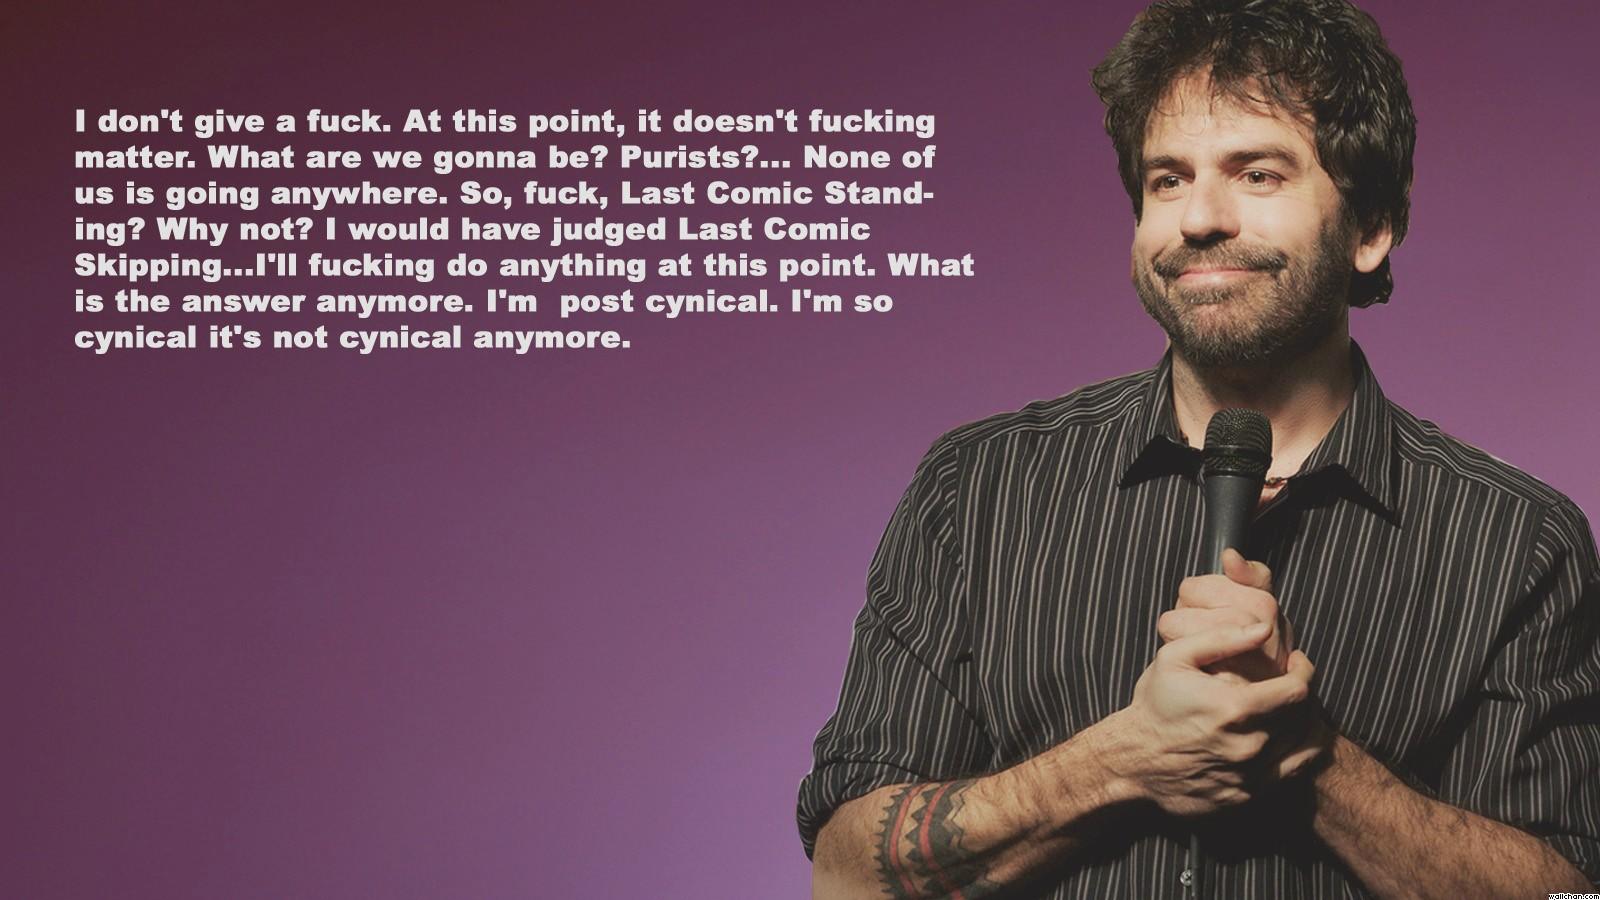 Greg Giraldo's quote #1